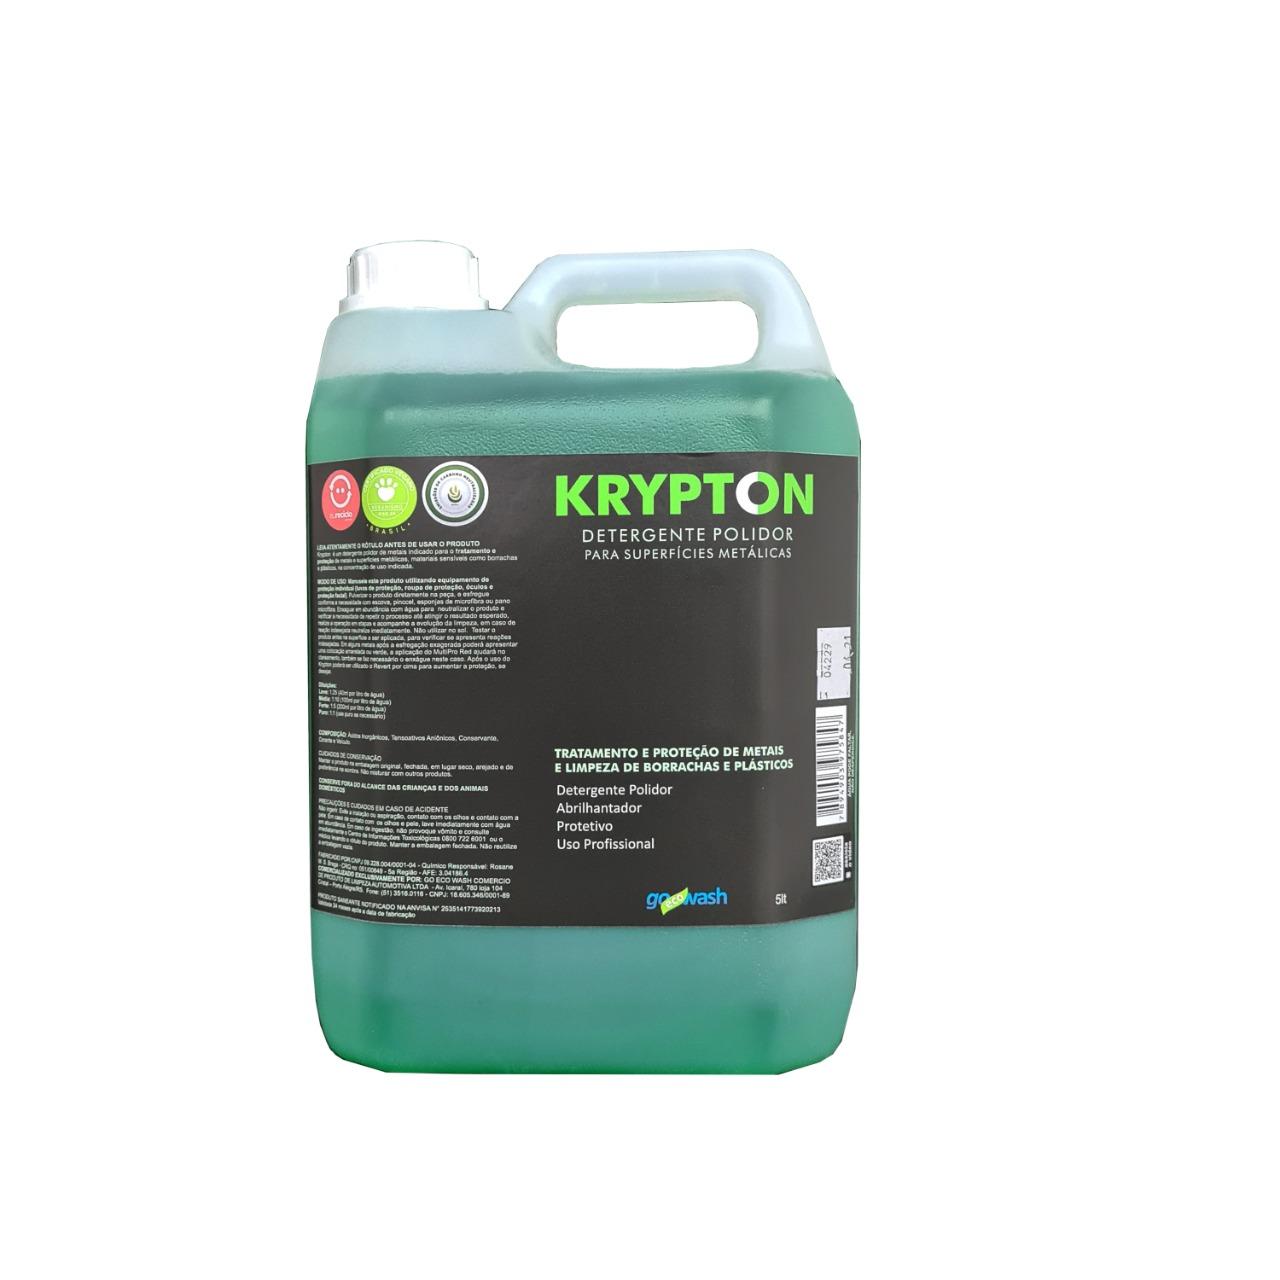 Krypton - Detergente para Metais, e Limpeza de Borrachas e Plásticos  5L